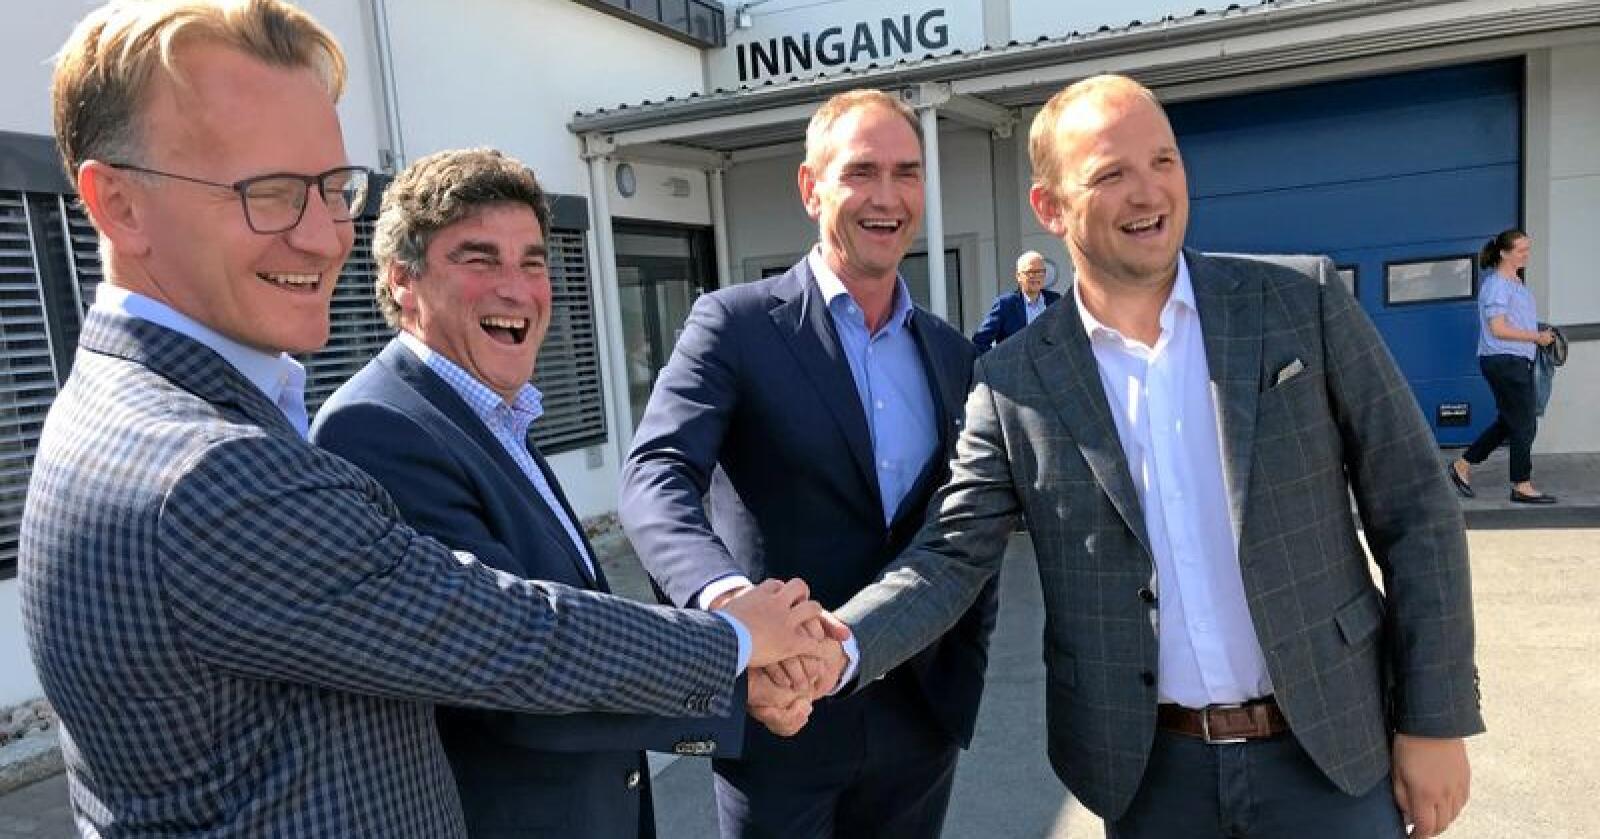 Fra venstre: Karl Kristian Sunde, Jan Bodd, Stig Sunde og statsråd Jon Georg Dale. Foto: Mat- og landbruksdepartementet.